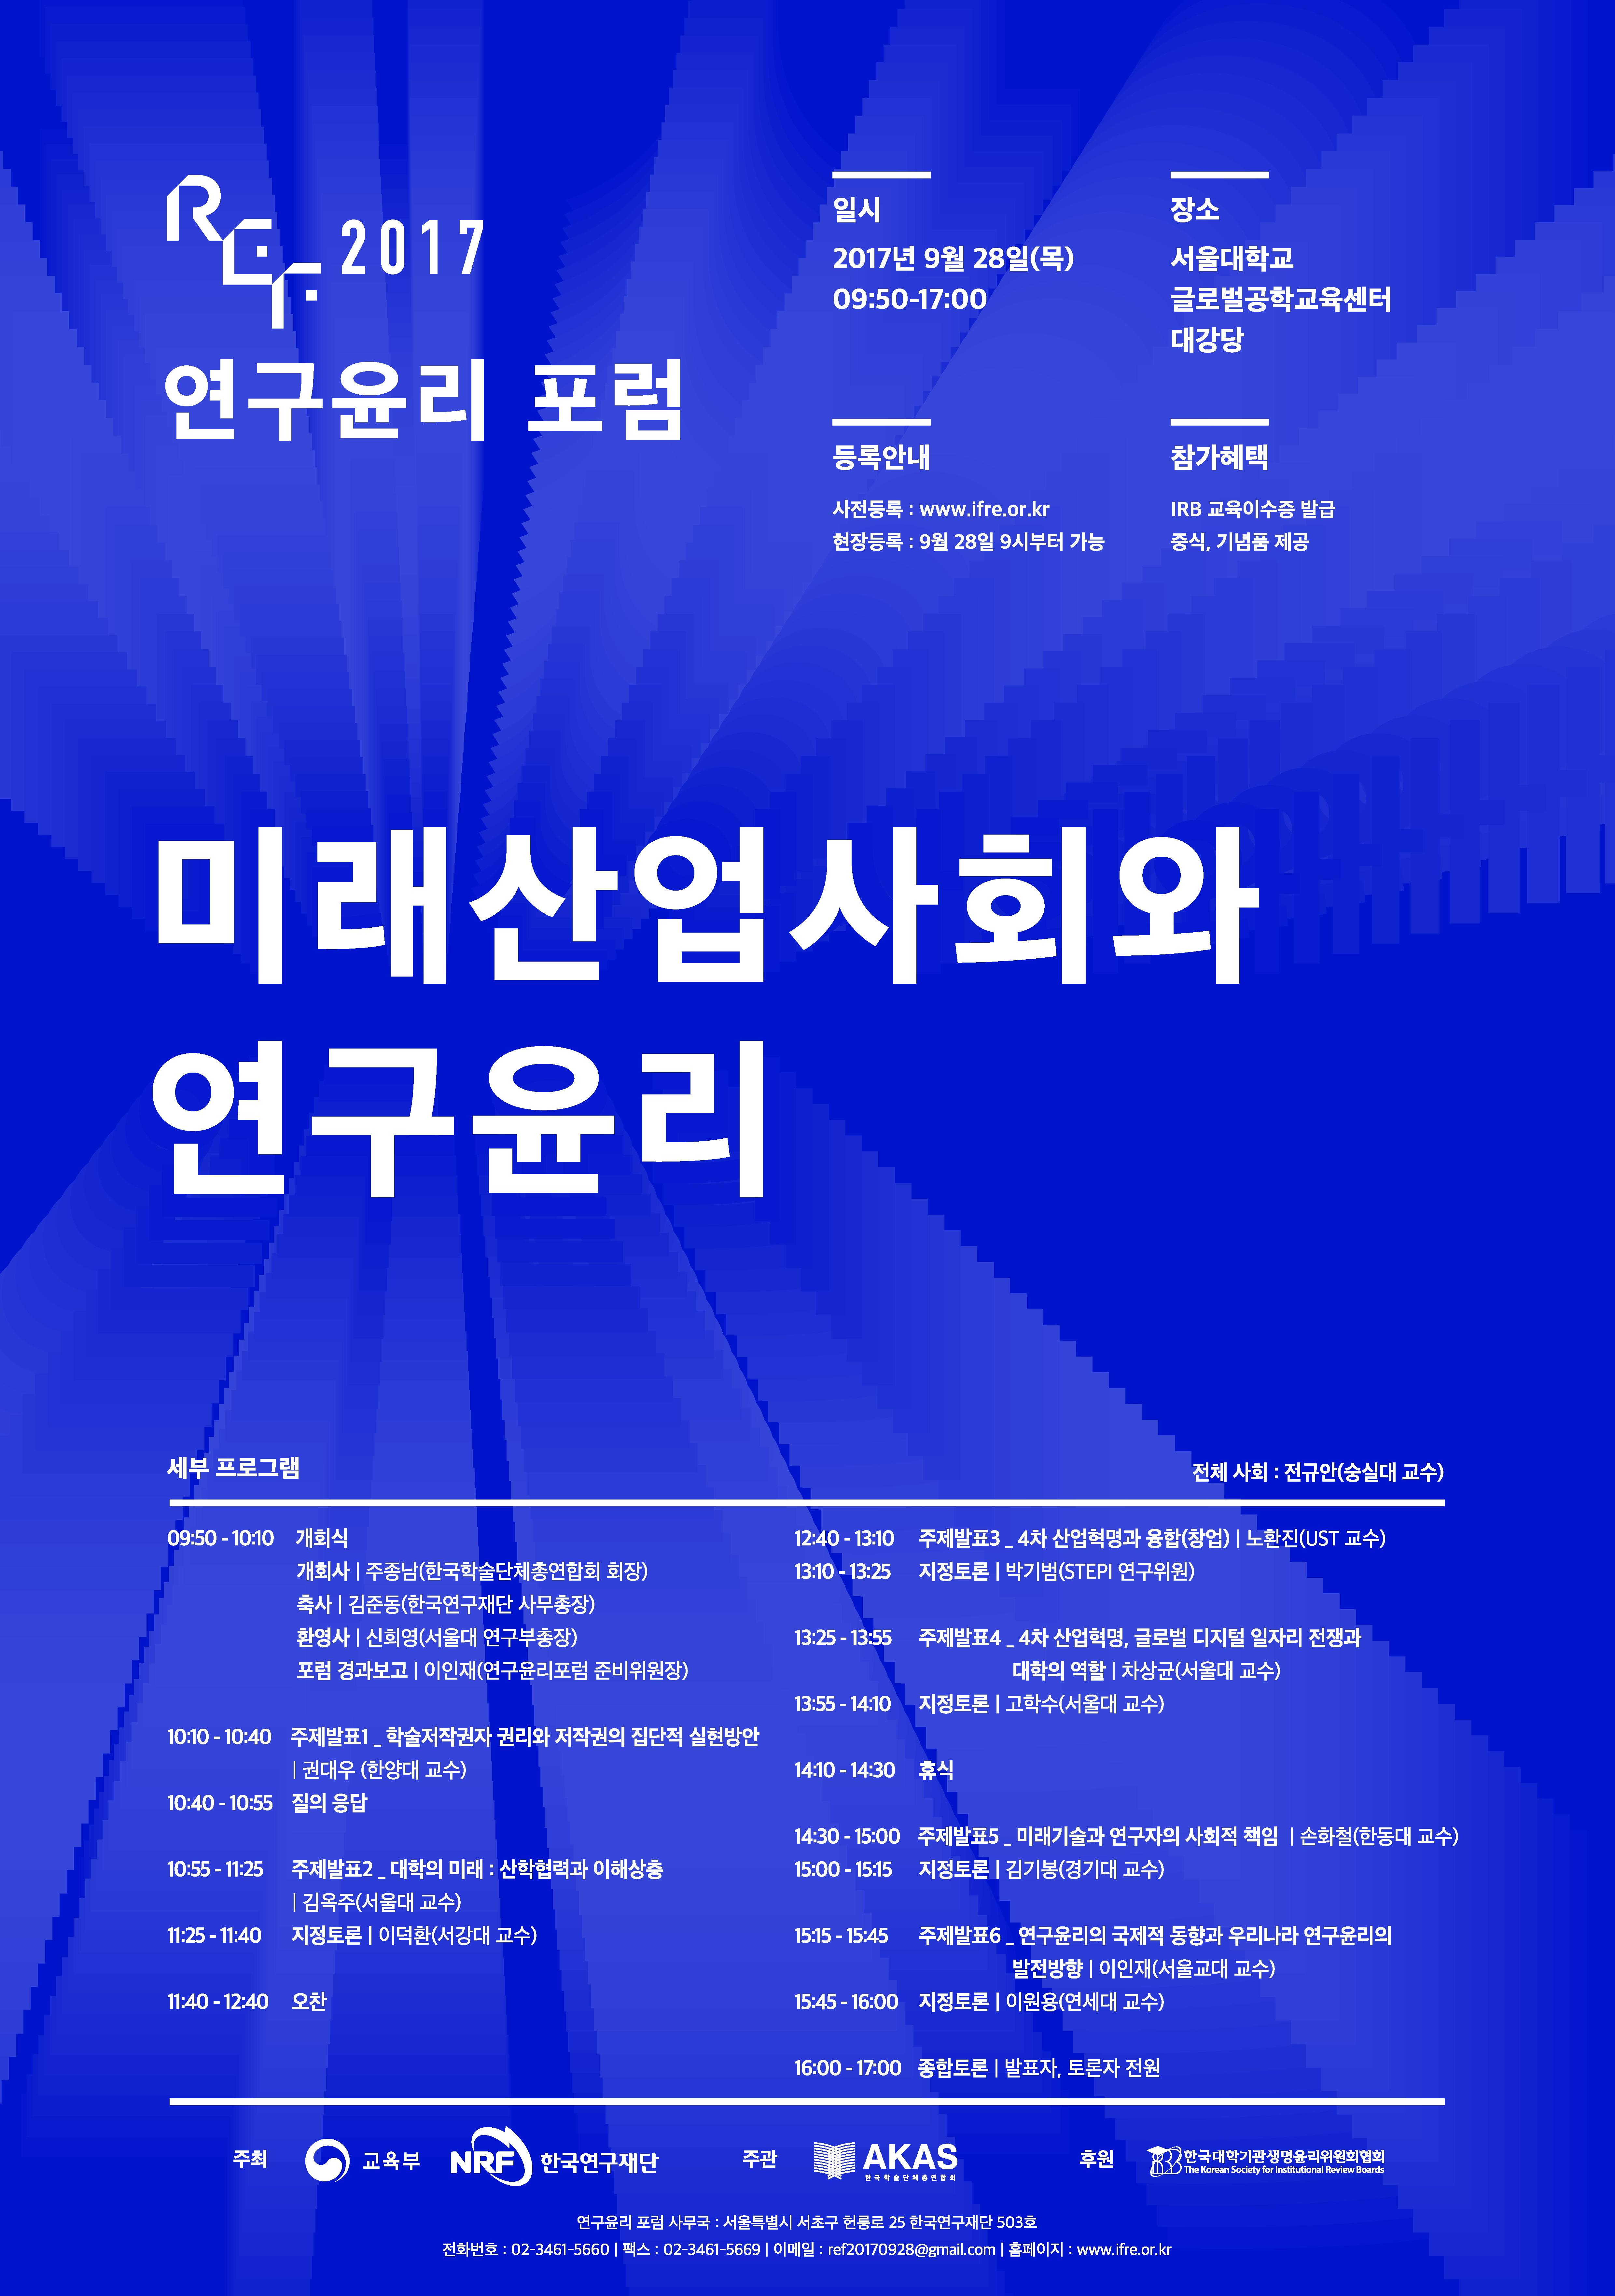 붙임2) 2017 연구윤리 포럼 포스터.jpg